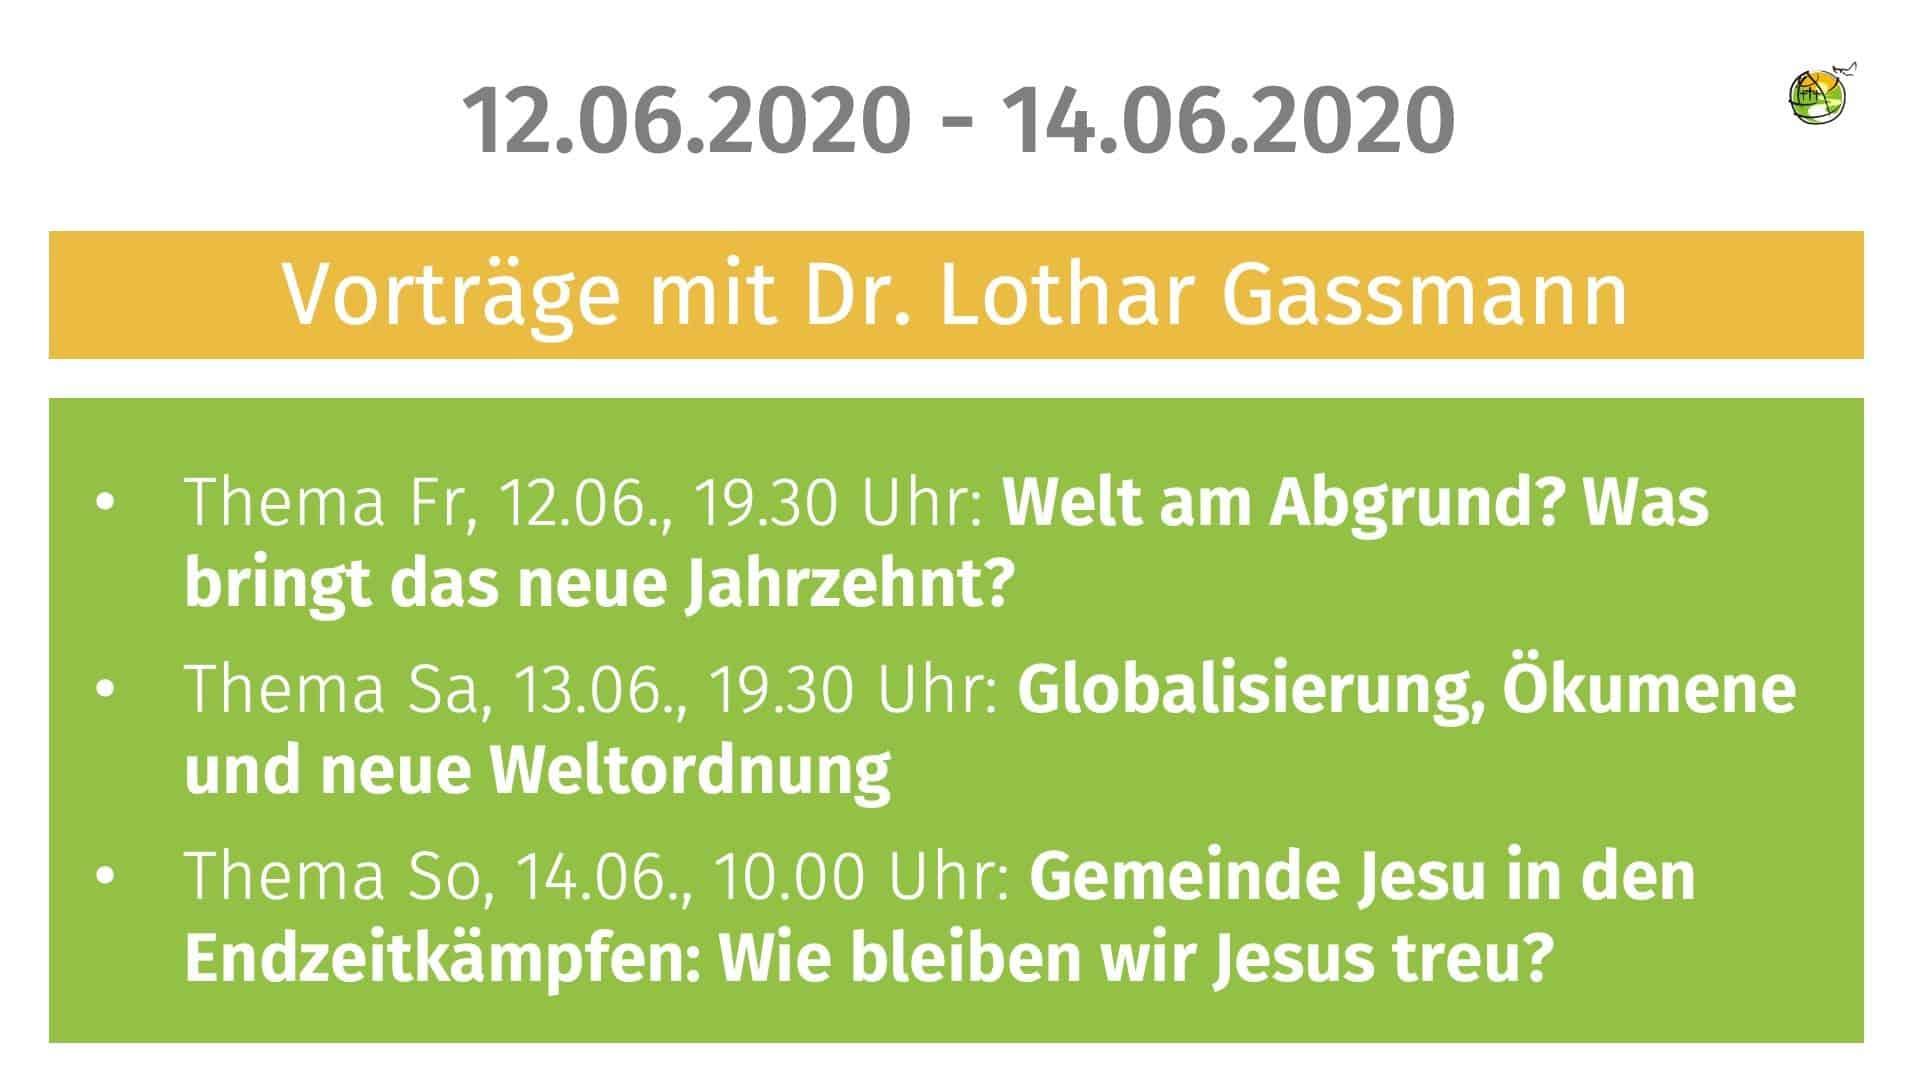 Vortrage Mit Dr Lothar Gassmann Febg Mosbach